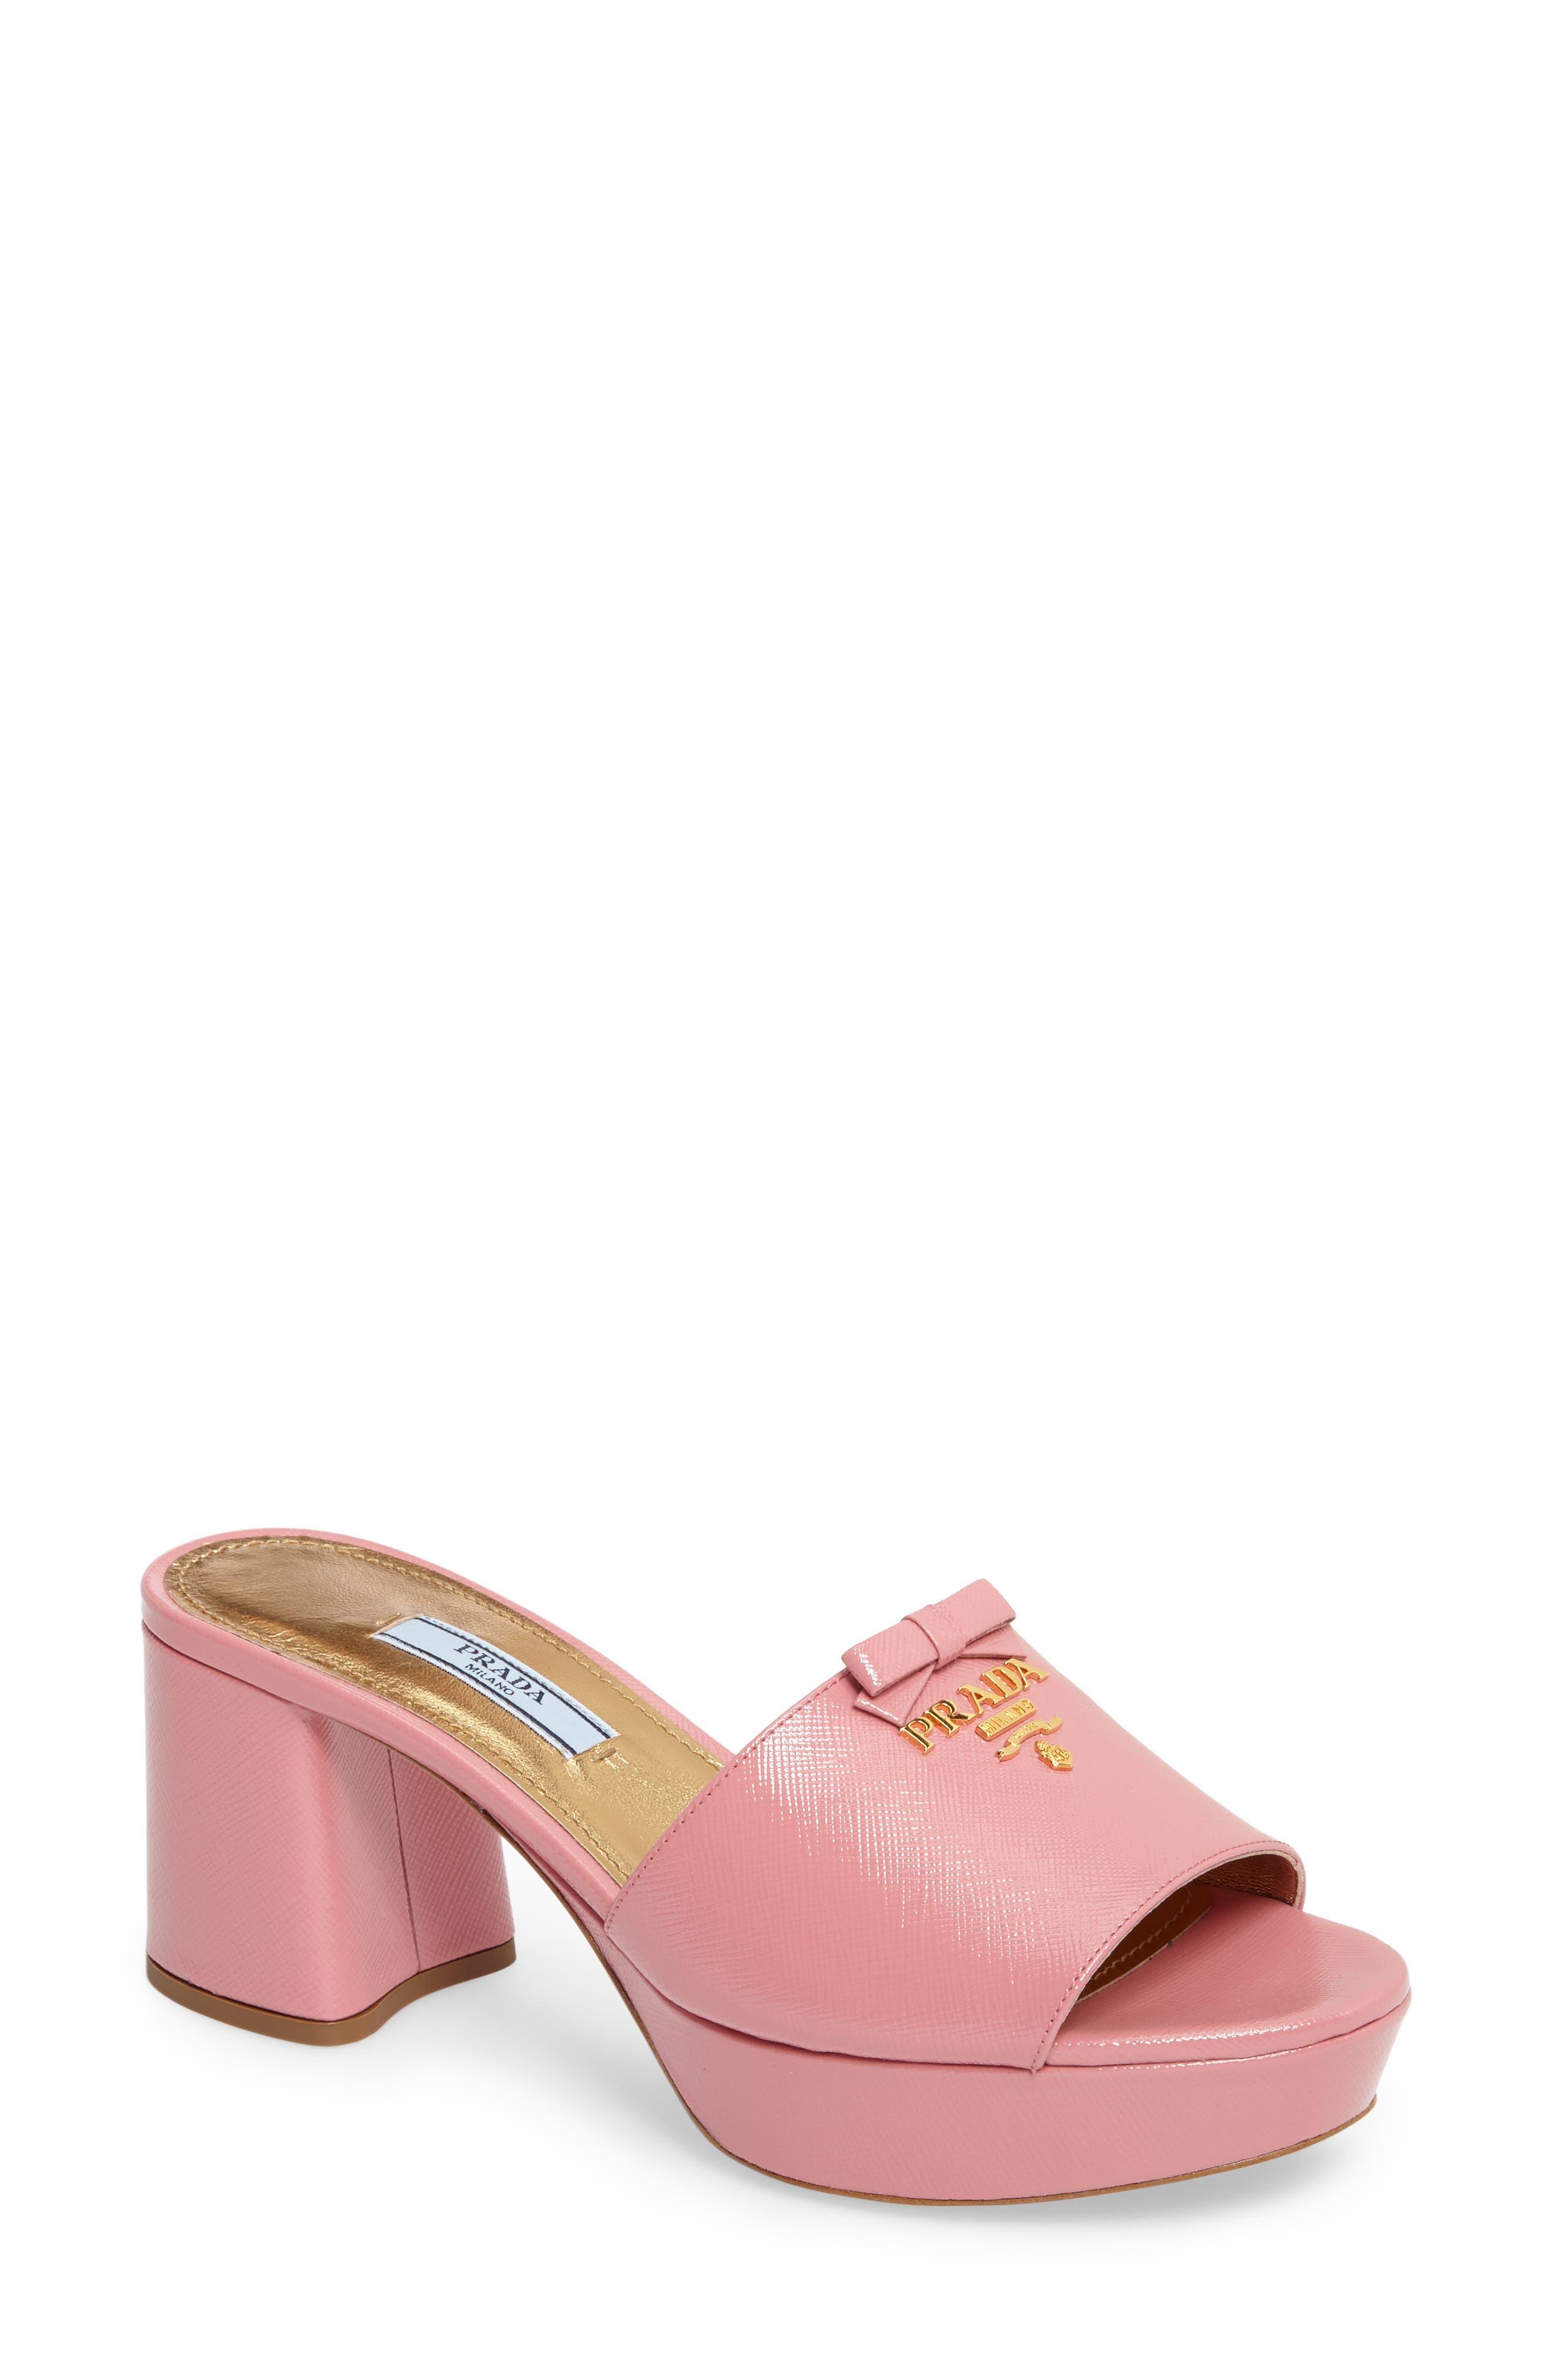 Alternate Image 1 Selected - Prada Logo Block Heel Mule (Women)